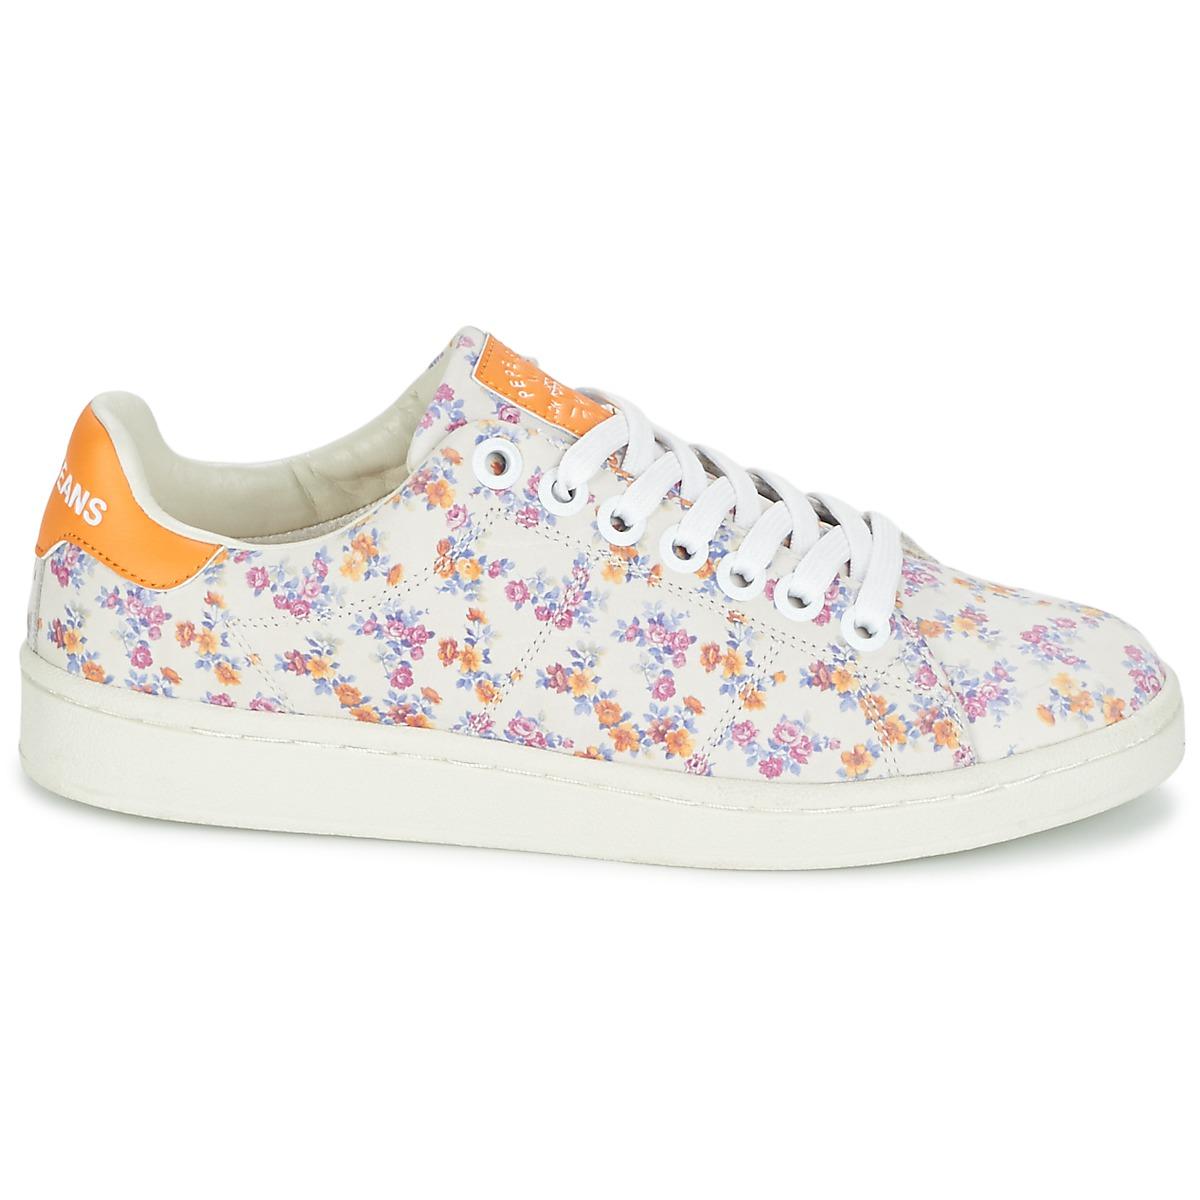 2e7b6dee29a Baskets à fleurs Pepe Jeans - On veut des baskets à fleurs - Elle